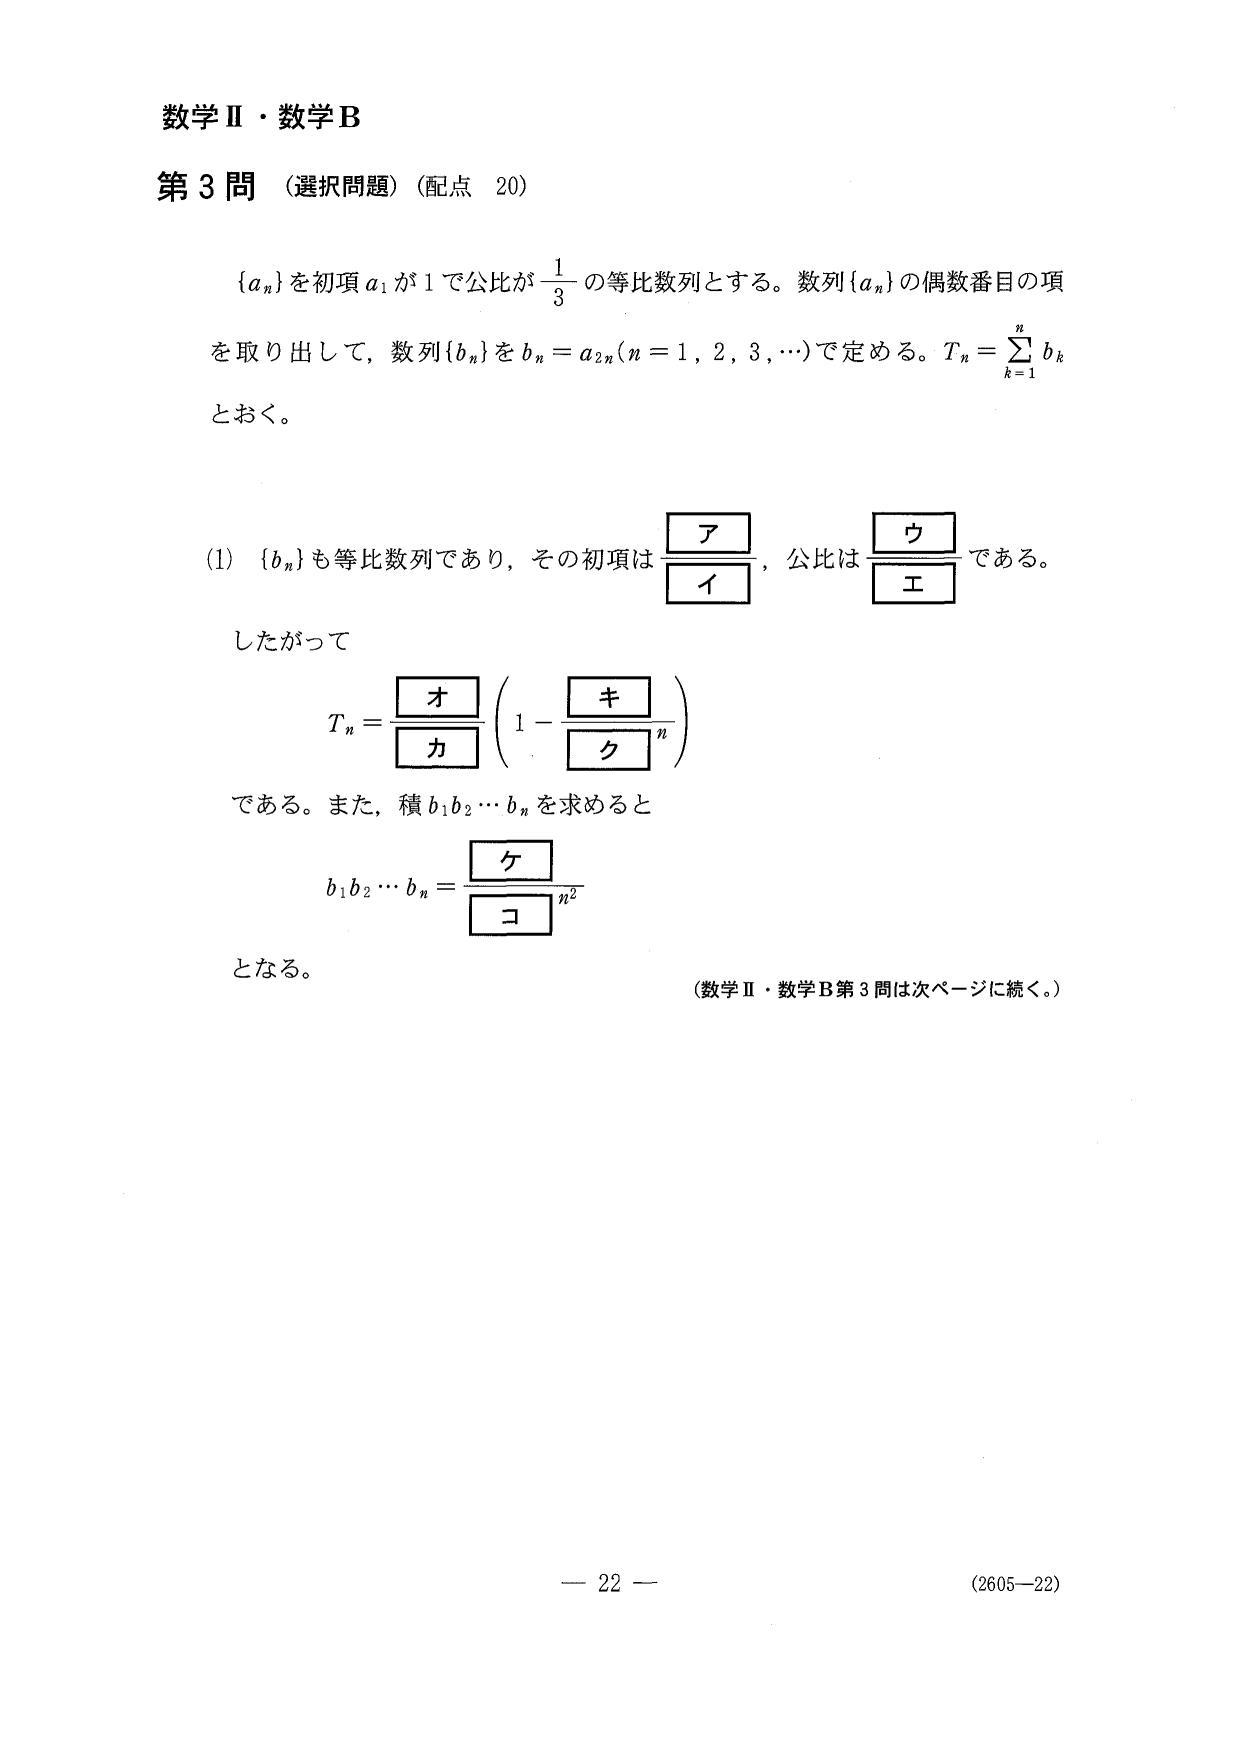 214_01.jpg